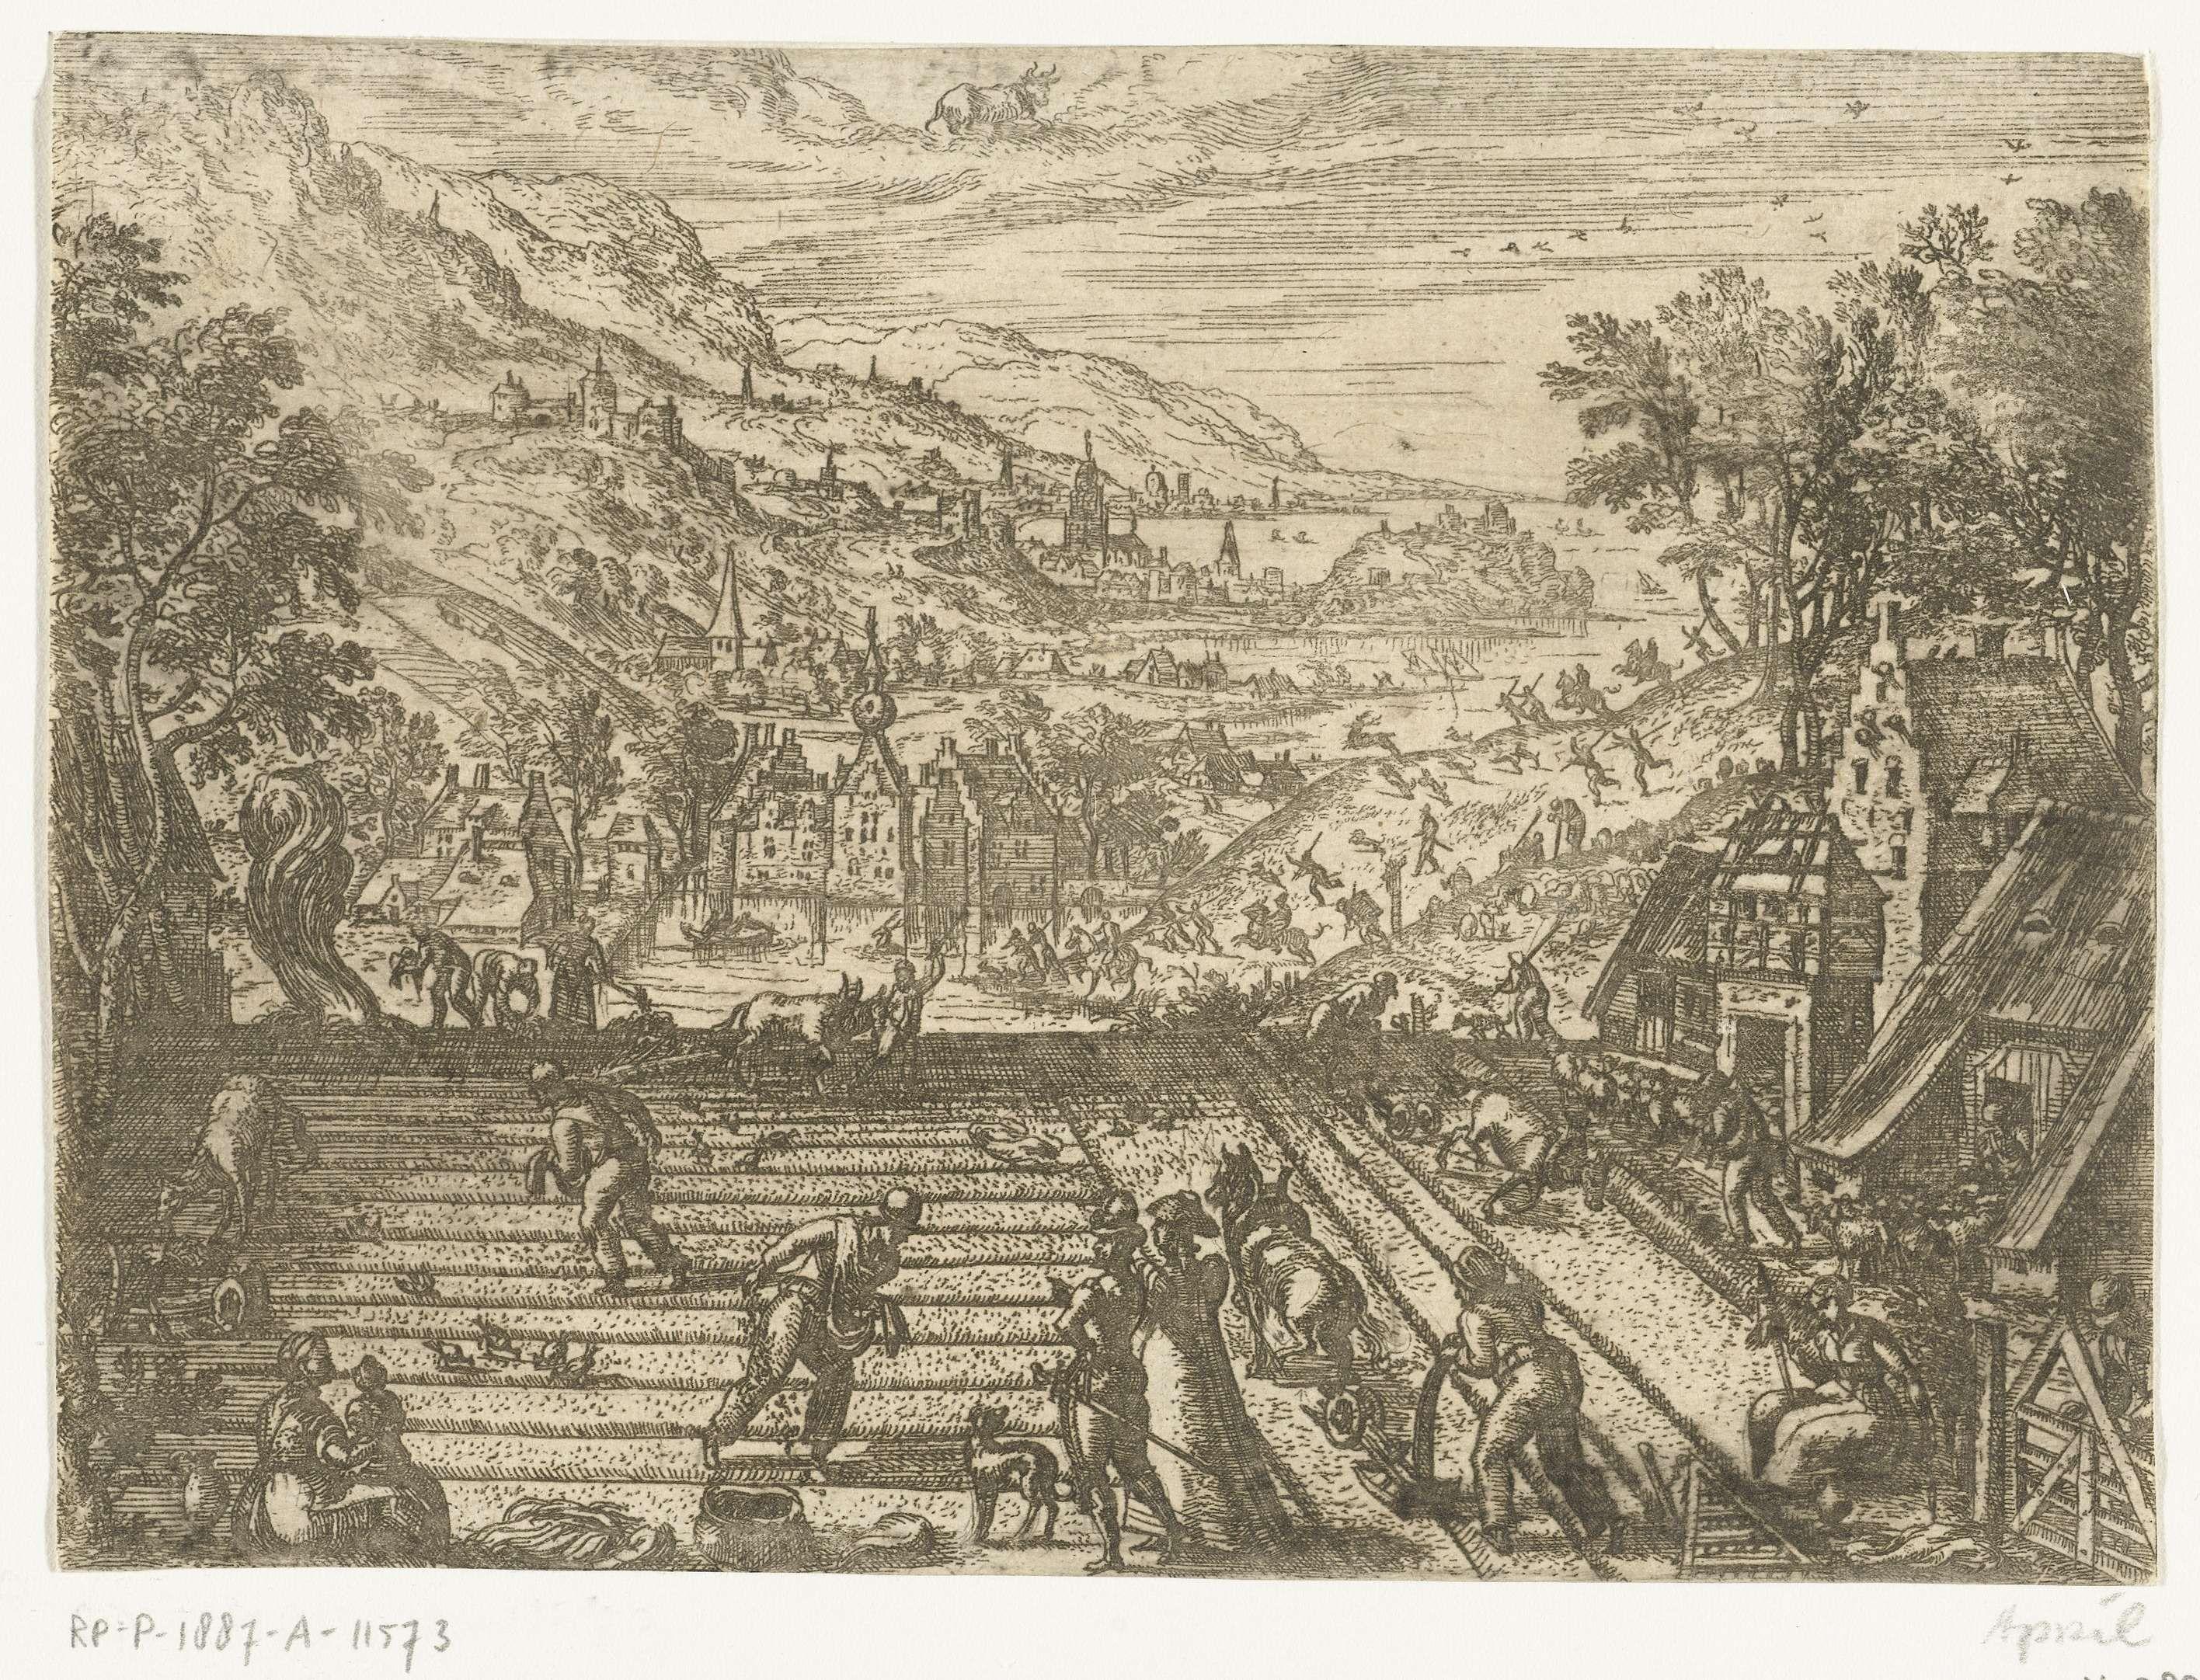 Pieter van der Borcht (I)   April, Pieter van der Borcht (I), 1545 - 1608   Lentelandschap met voorjaarstaferelen. April is de grasmaand. Op de voorgrond wordt geploegd en gezaaid. Herders laten hun schapen weer buiten grazen. In de achtergrond is een hertenjacht aan de gang. Middenboven het sterrenbeeld Stier. In deze serie van de twaalf maanden wordt elke maand afgebeeld met de voor haar typerende menselijke activiteiten, haar klimatologische kenmerken en haar sterrenbeeld